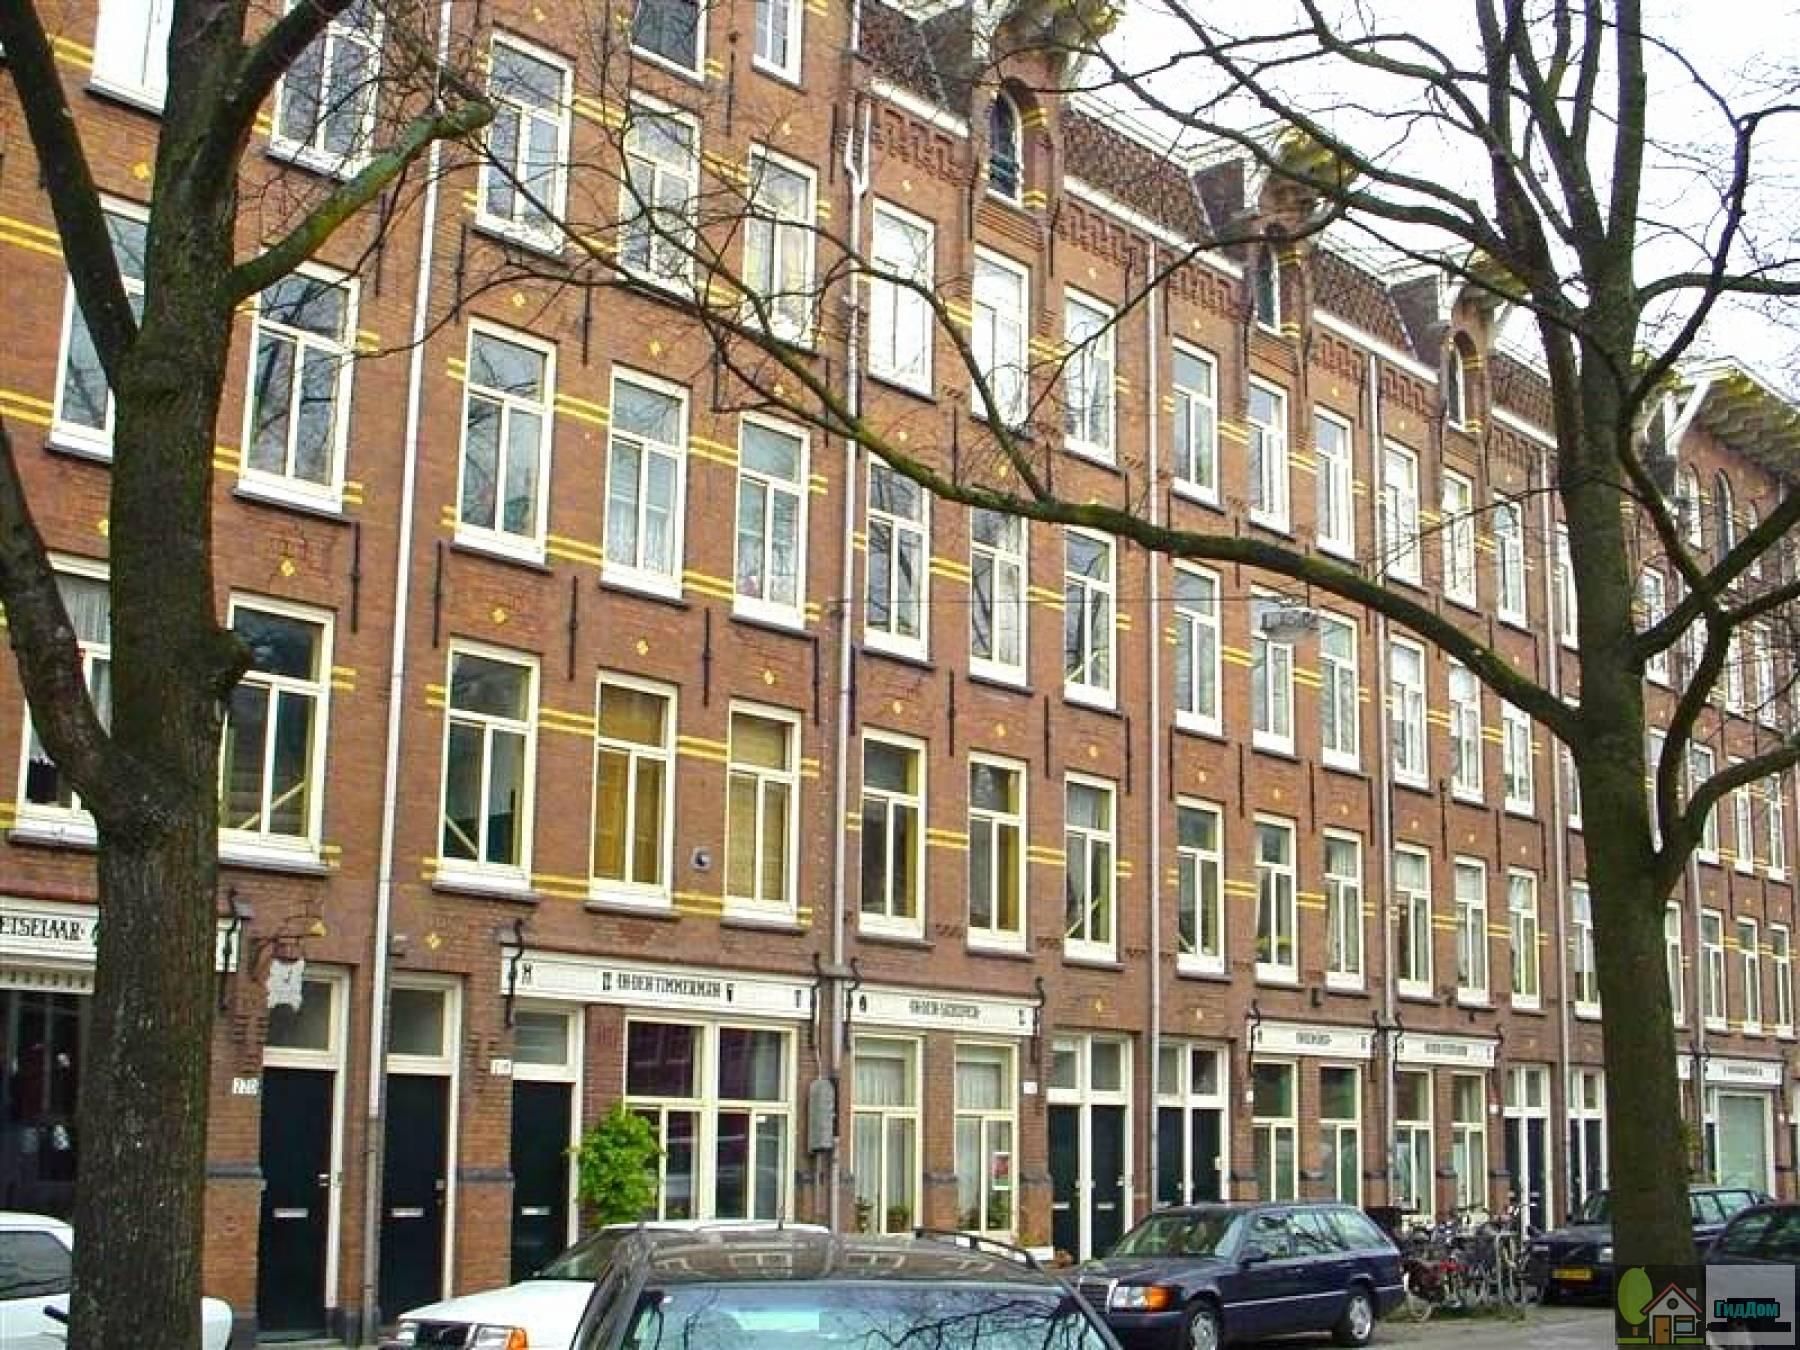 (Woningen/pakhuizen van de Bouwonderneming Jordaan NV. Tevens Goudsbloemstraat 125-139)